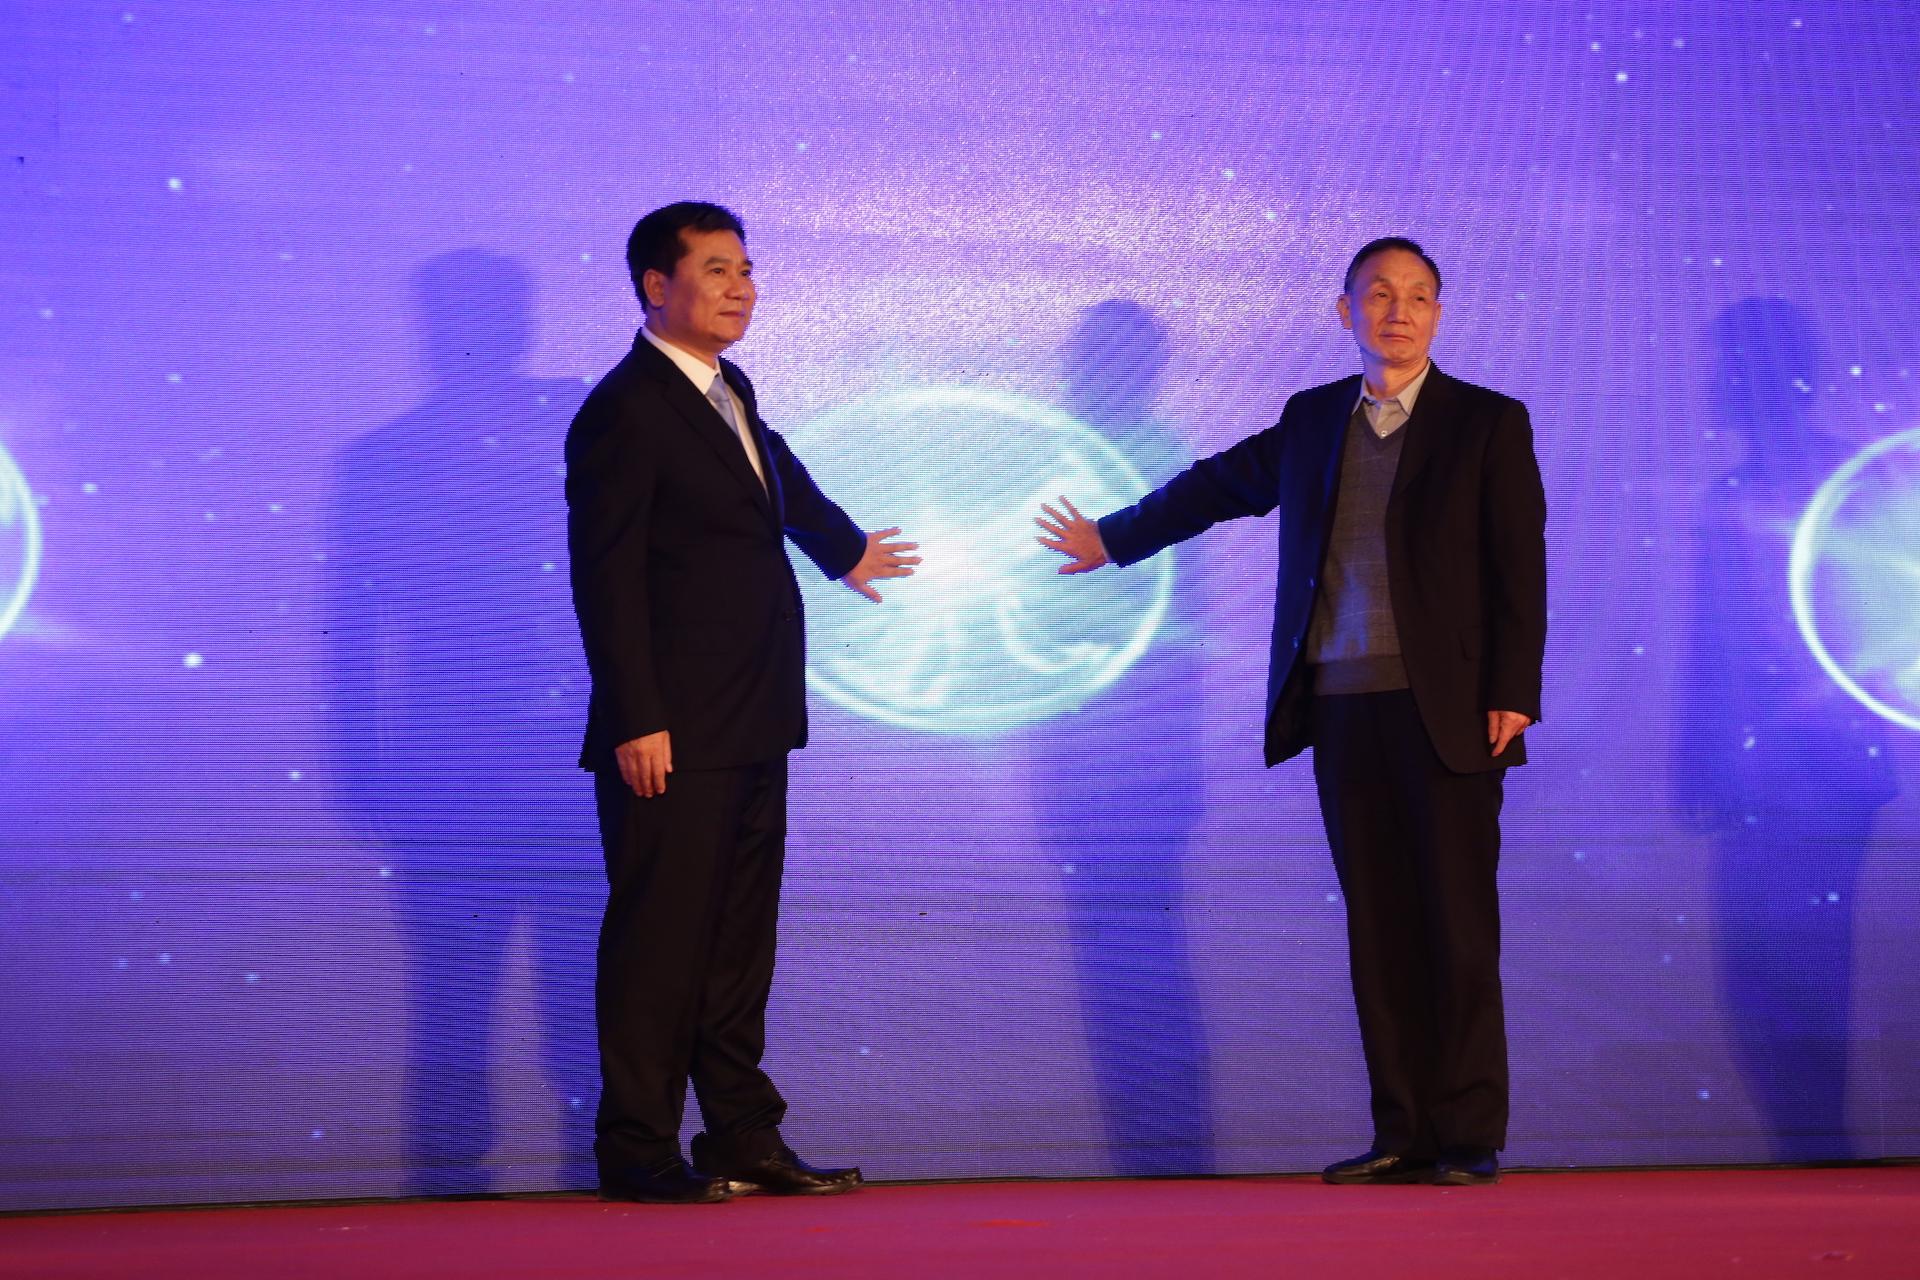 苏宁控股集团董事长张近东和中兴通讯股份有限公司董事长侯为贵